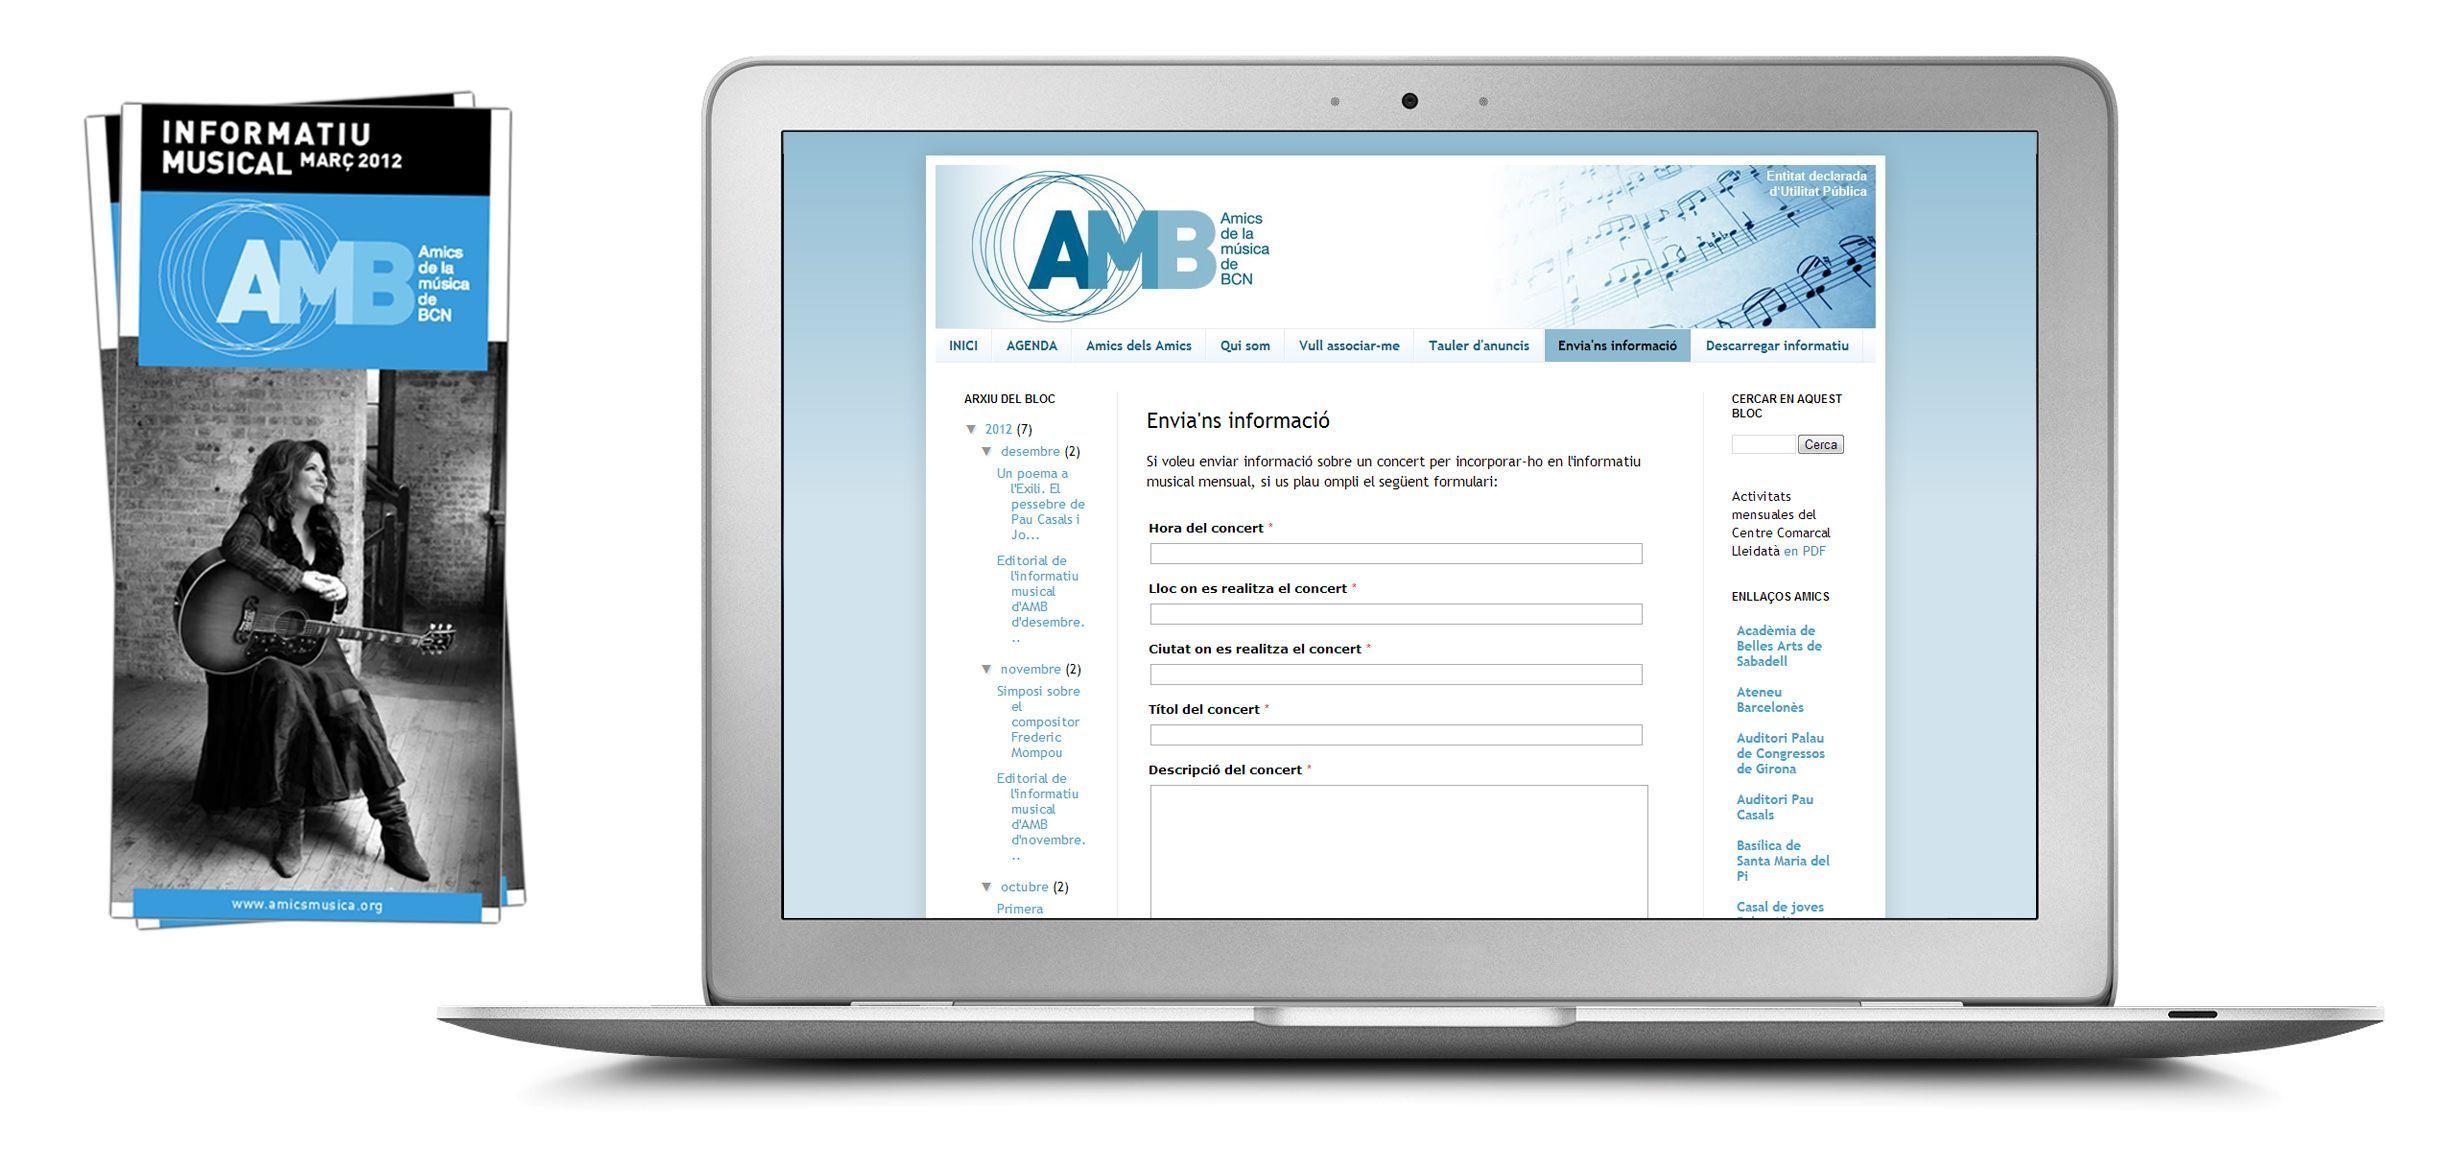 Ejemplo de edición institucional - AMB